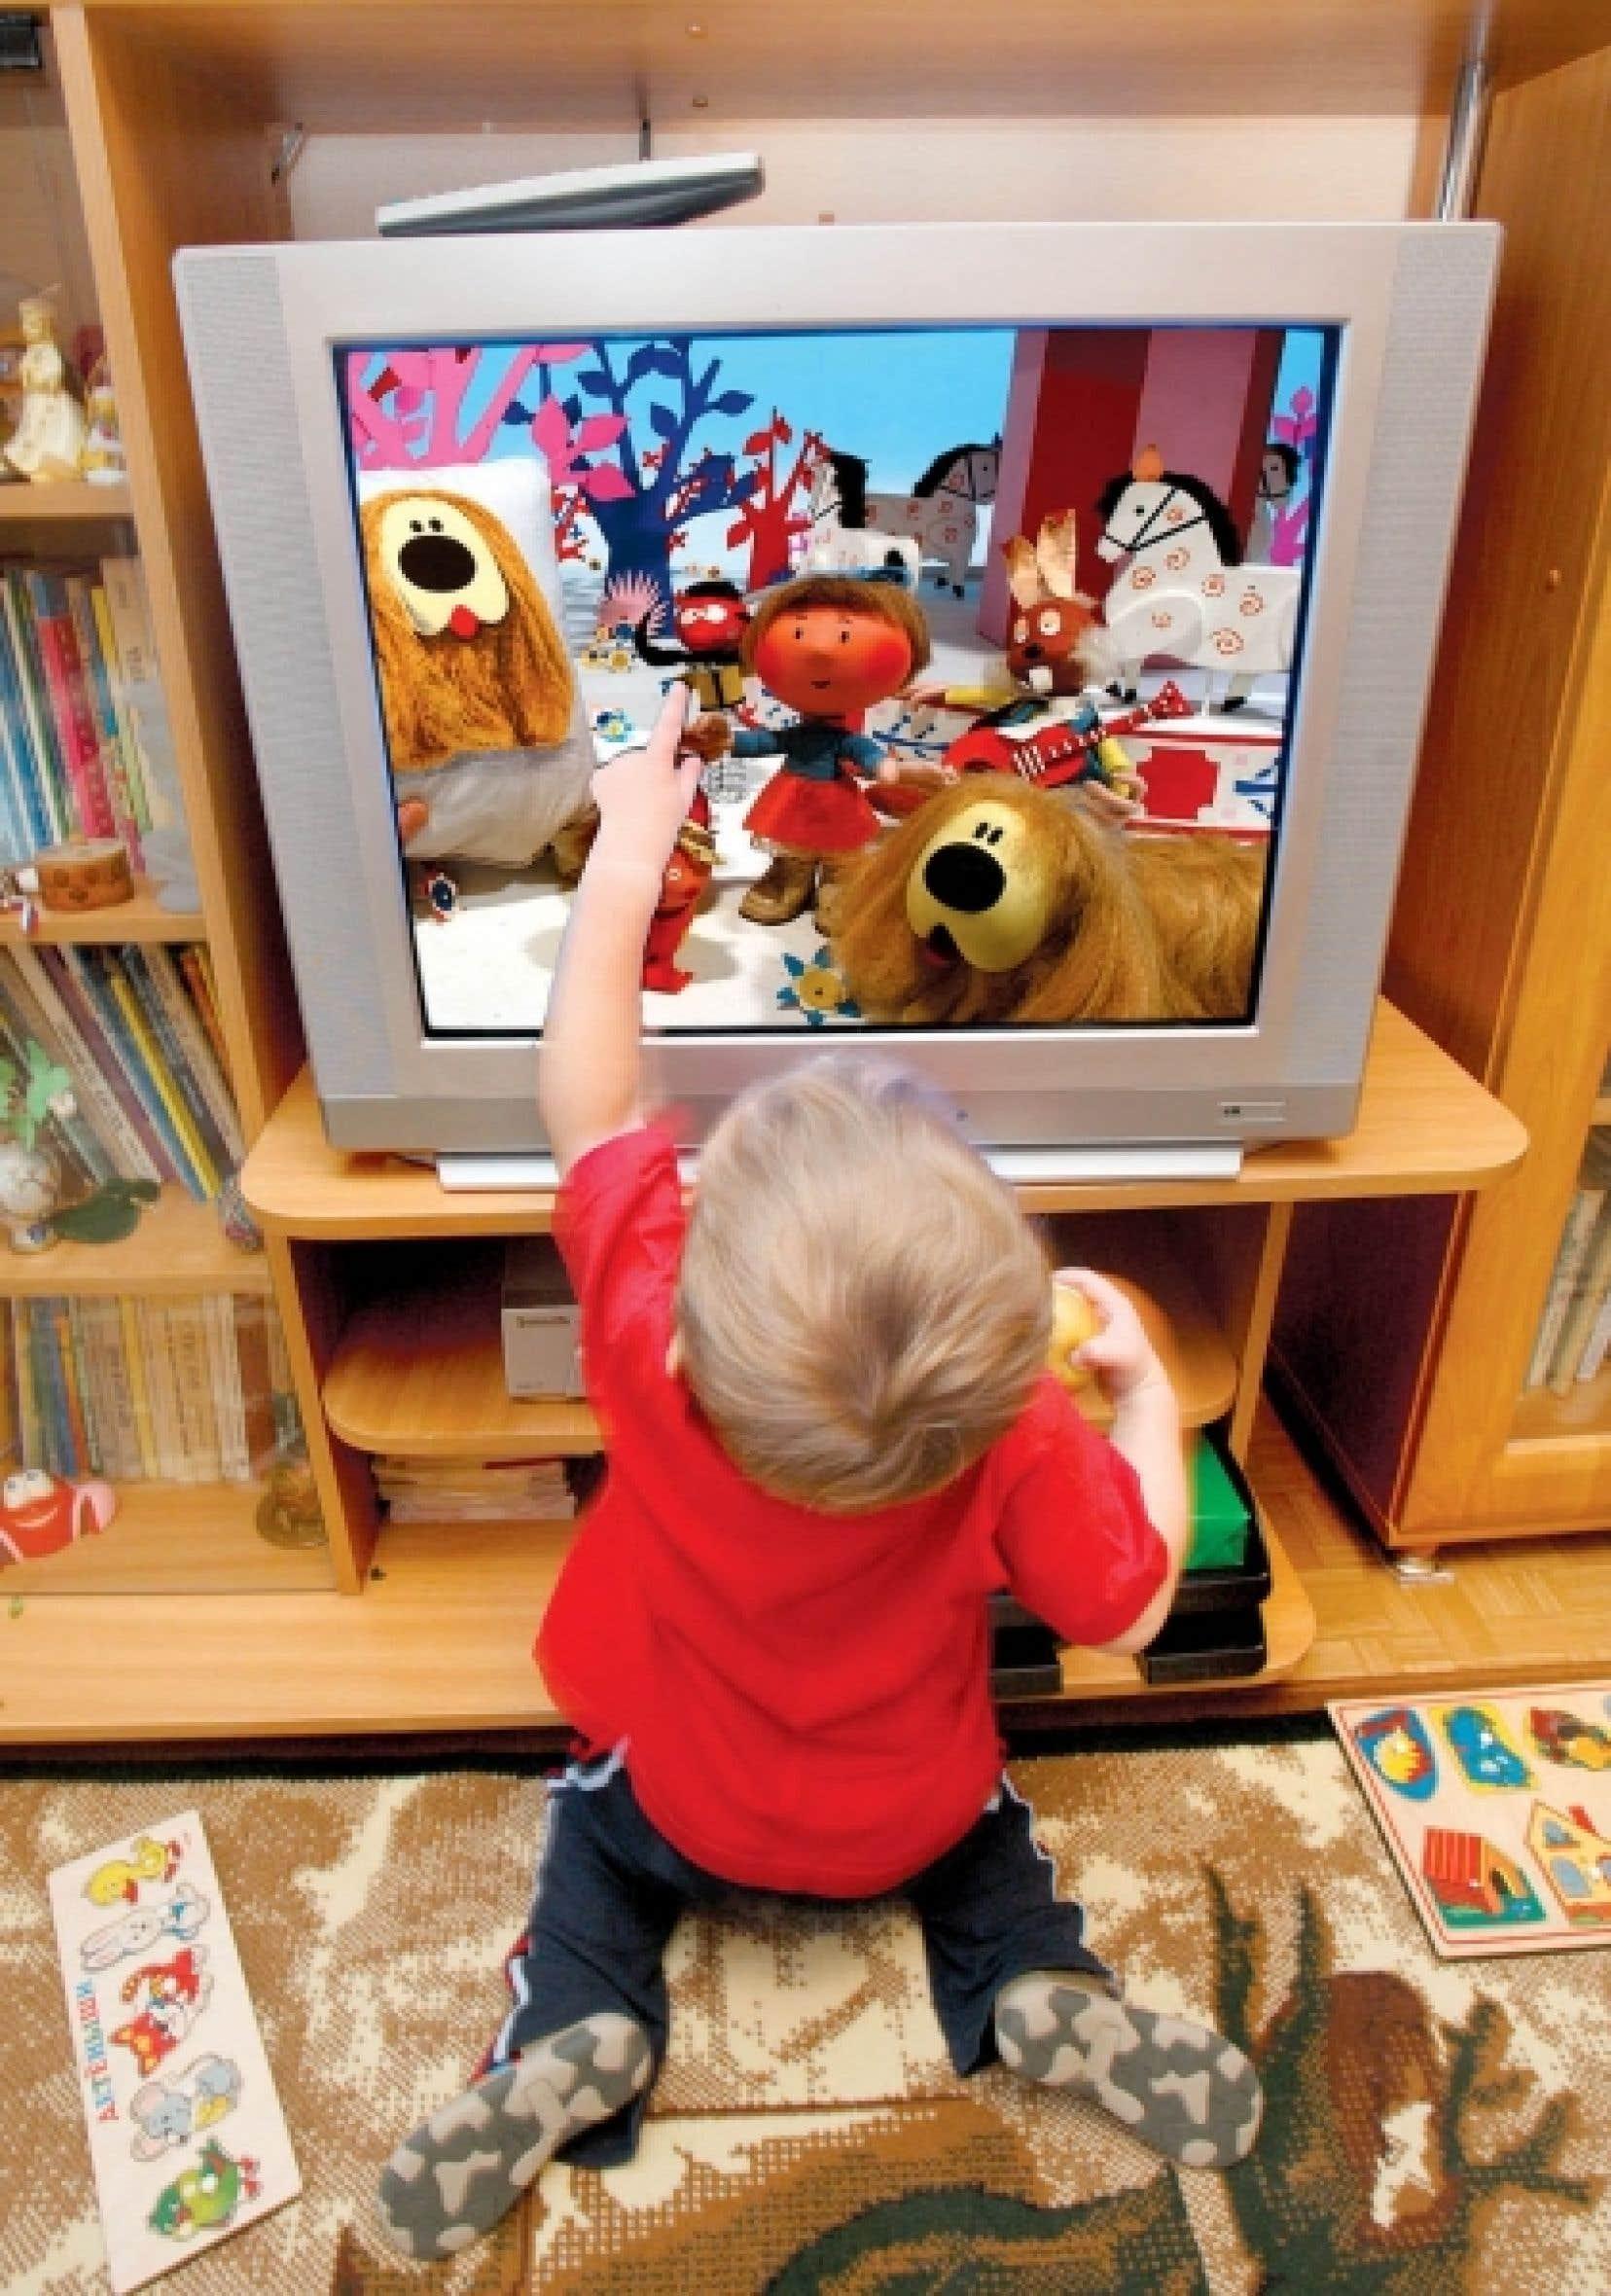 Les effets négatifs de l'exposition précoce à la télévision sont persistants, ont constaté les chercheurs.